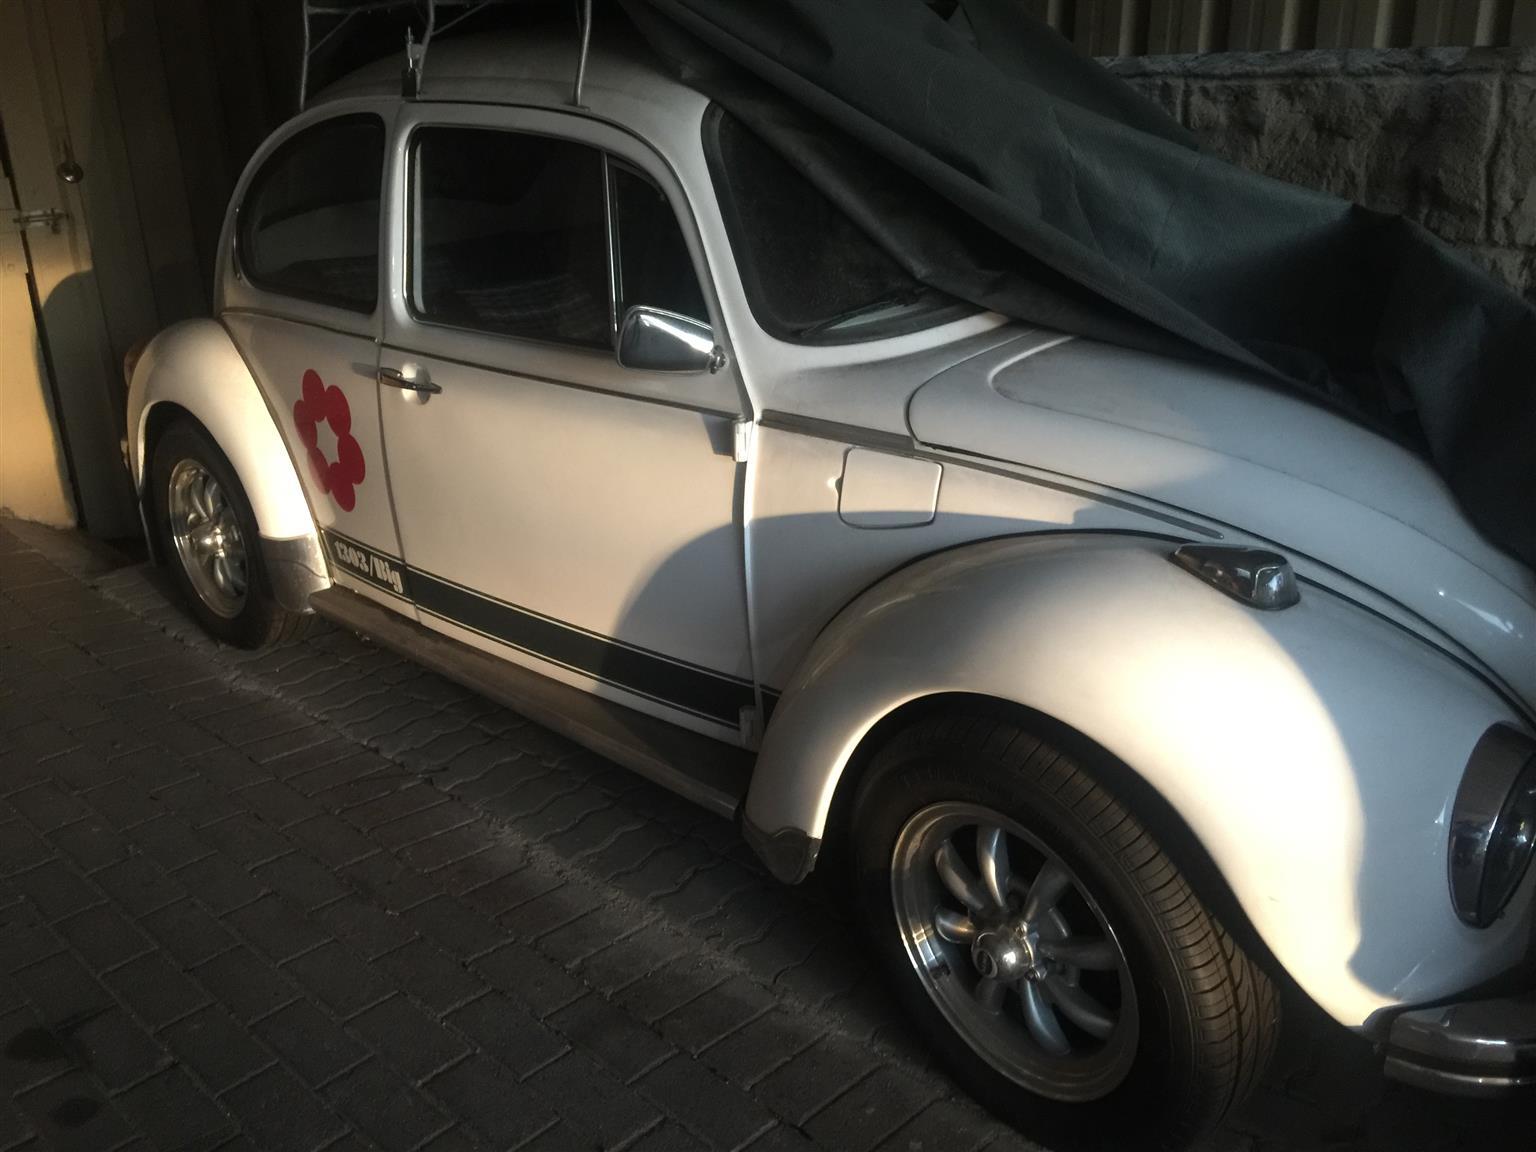 Vw beetle 1303 Big beetle LHD